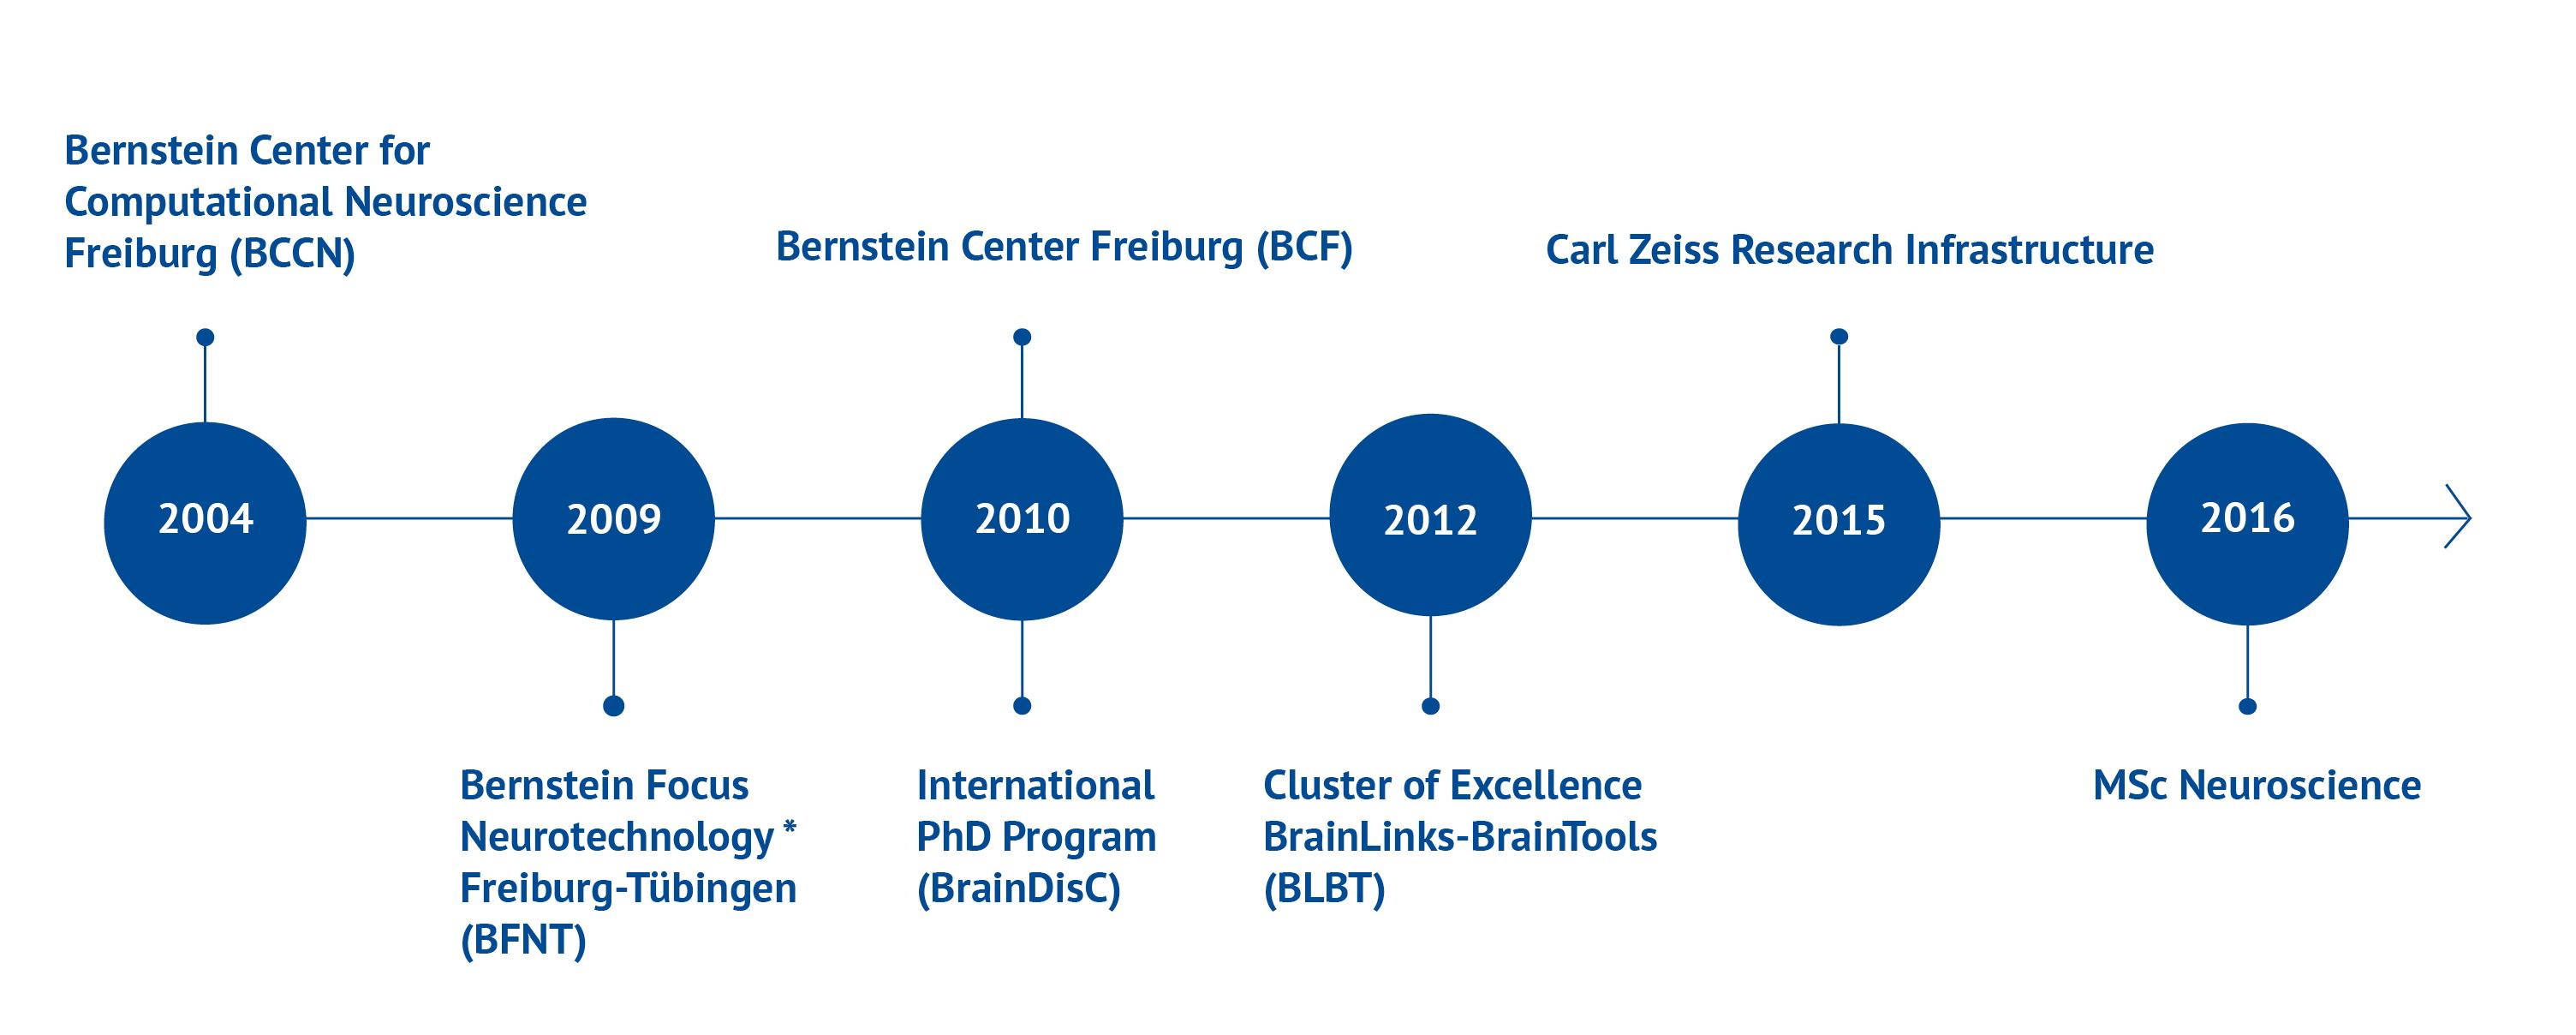 Bernstein Center Freiburg | Evolution